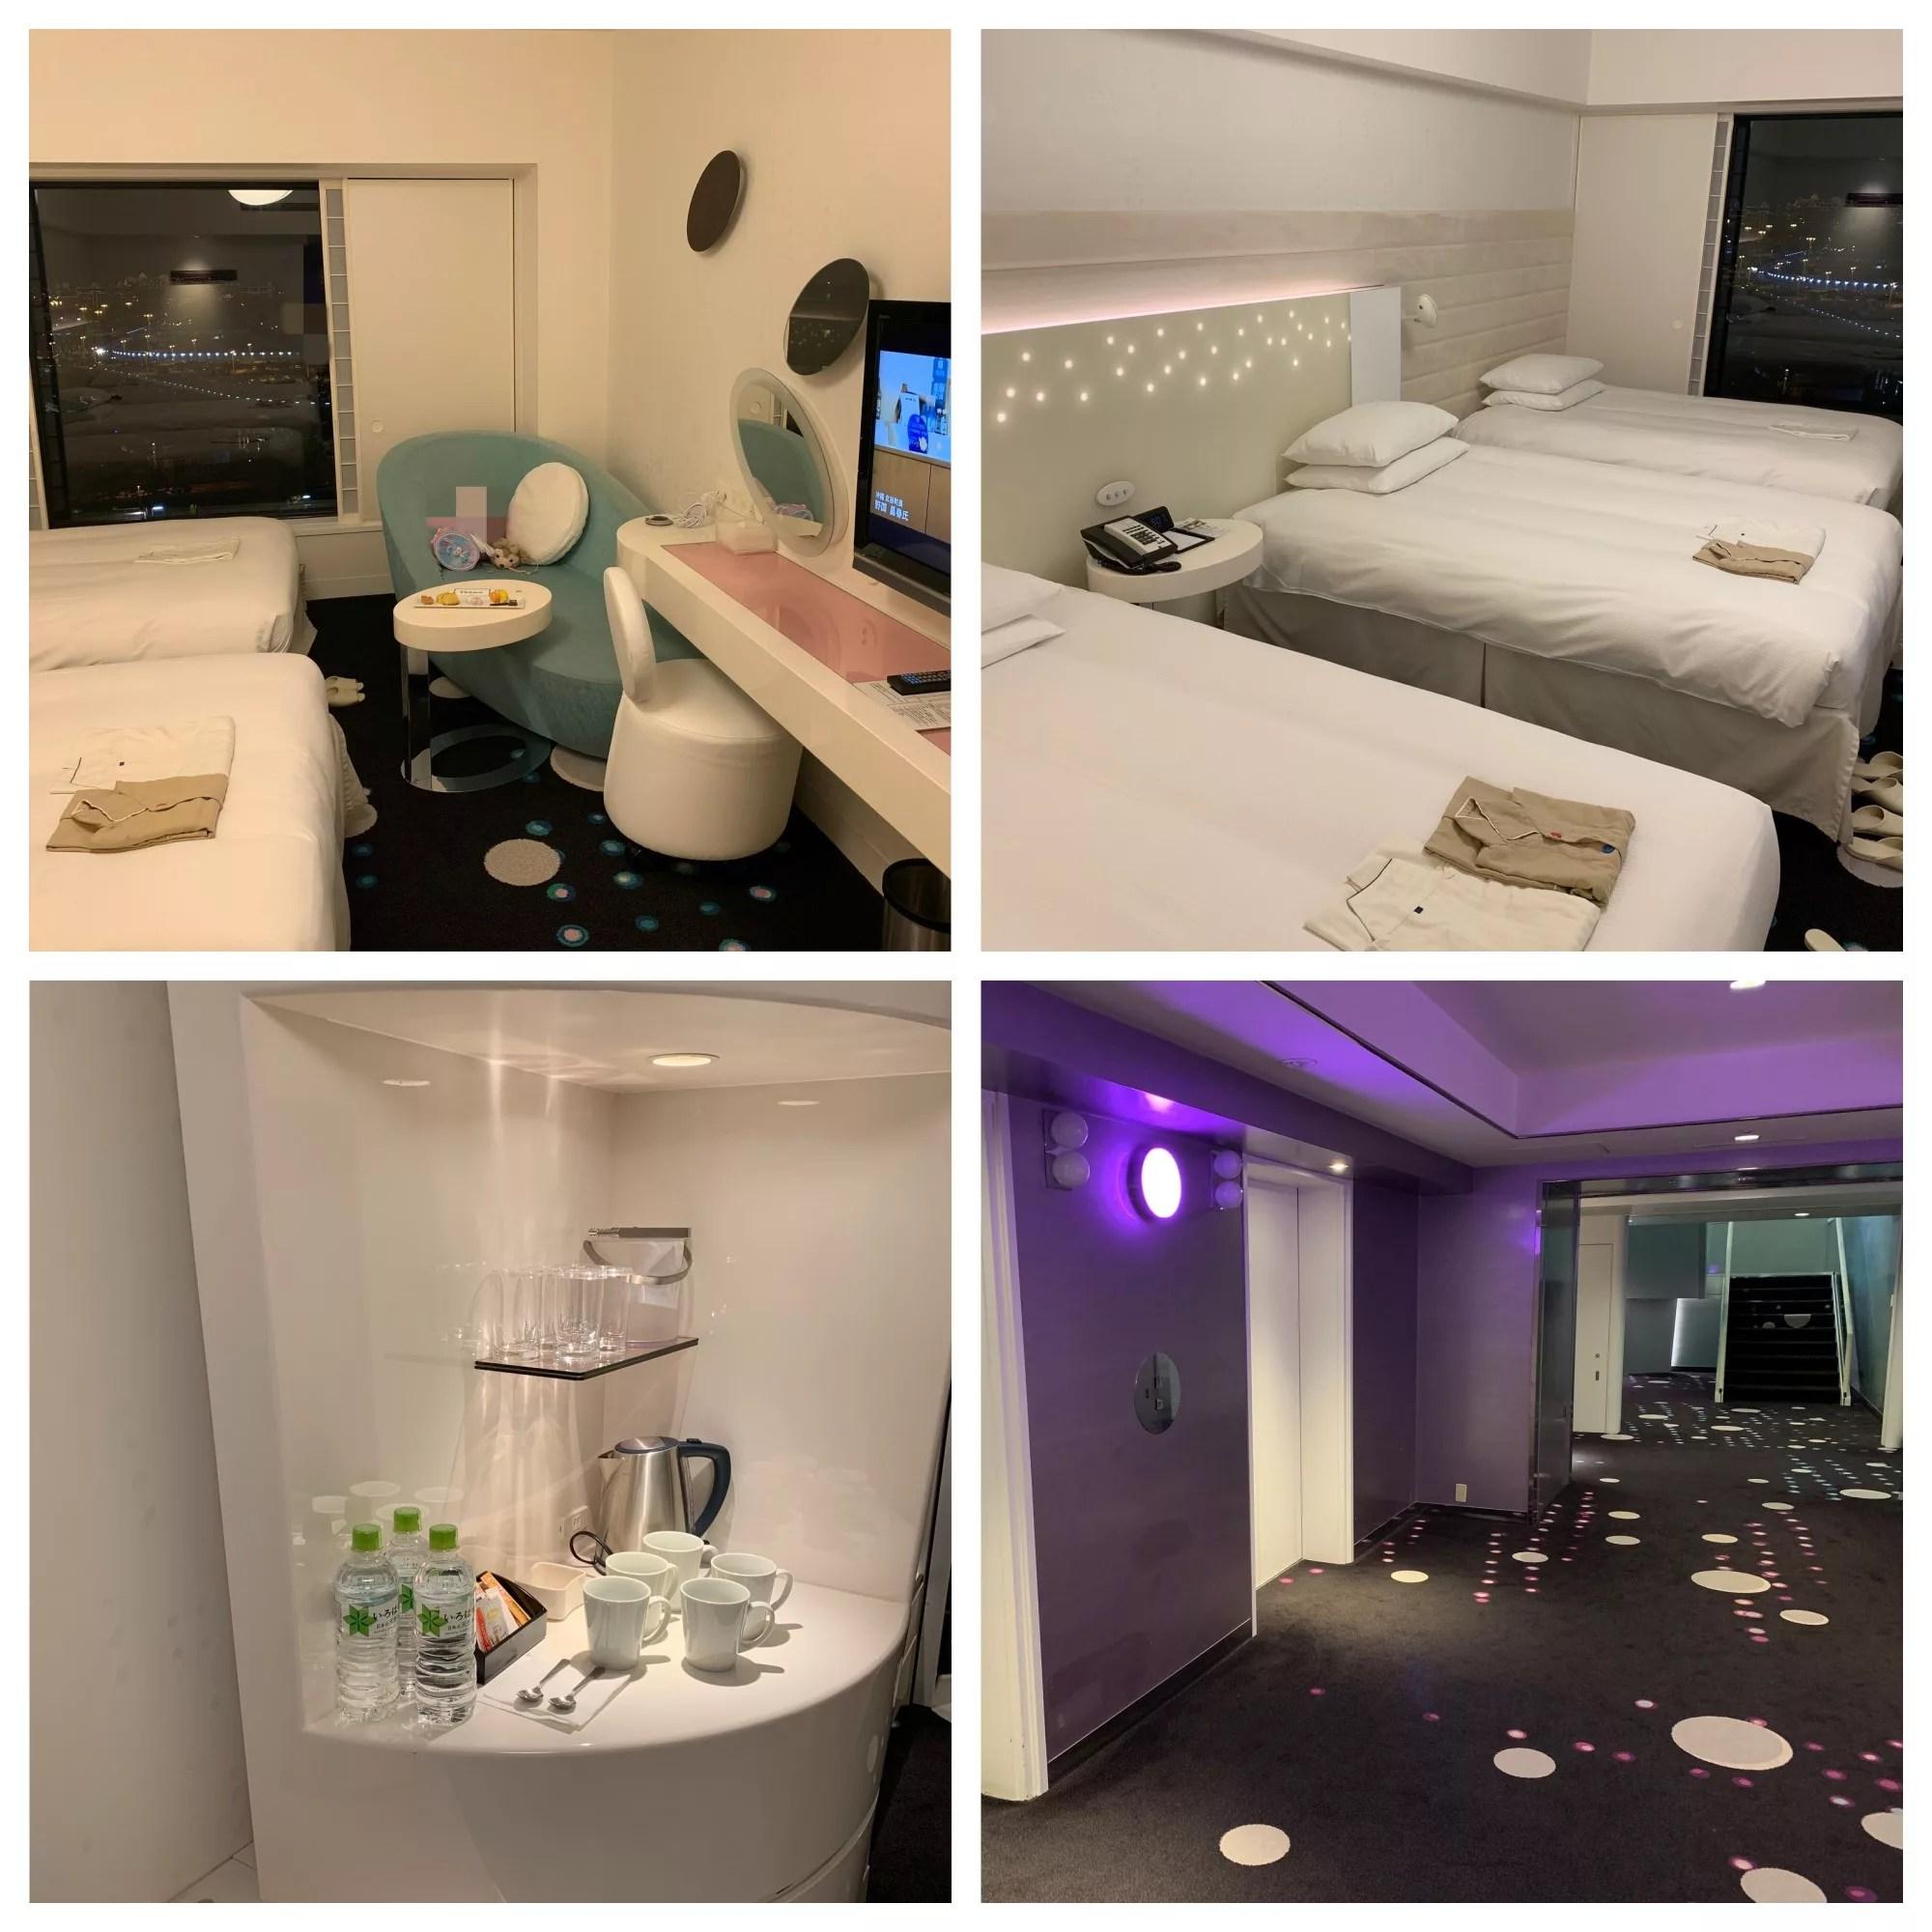 ヒルトン東京ベイ セレブリオルーム(ツイン・パーク側)宿泊記